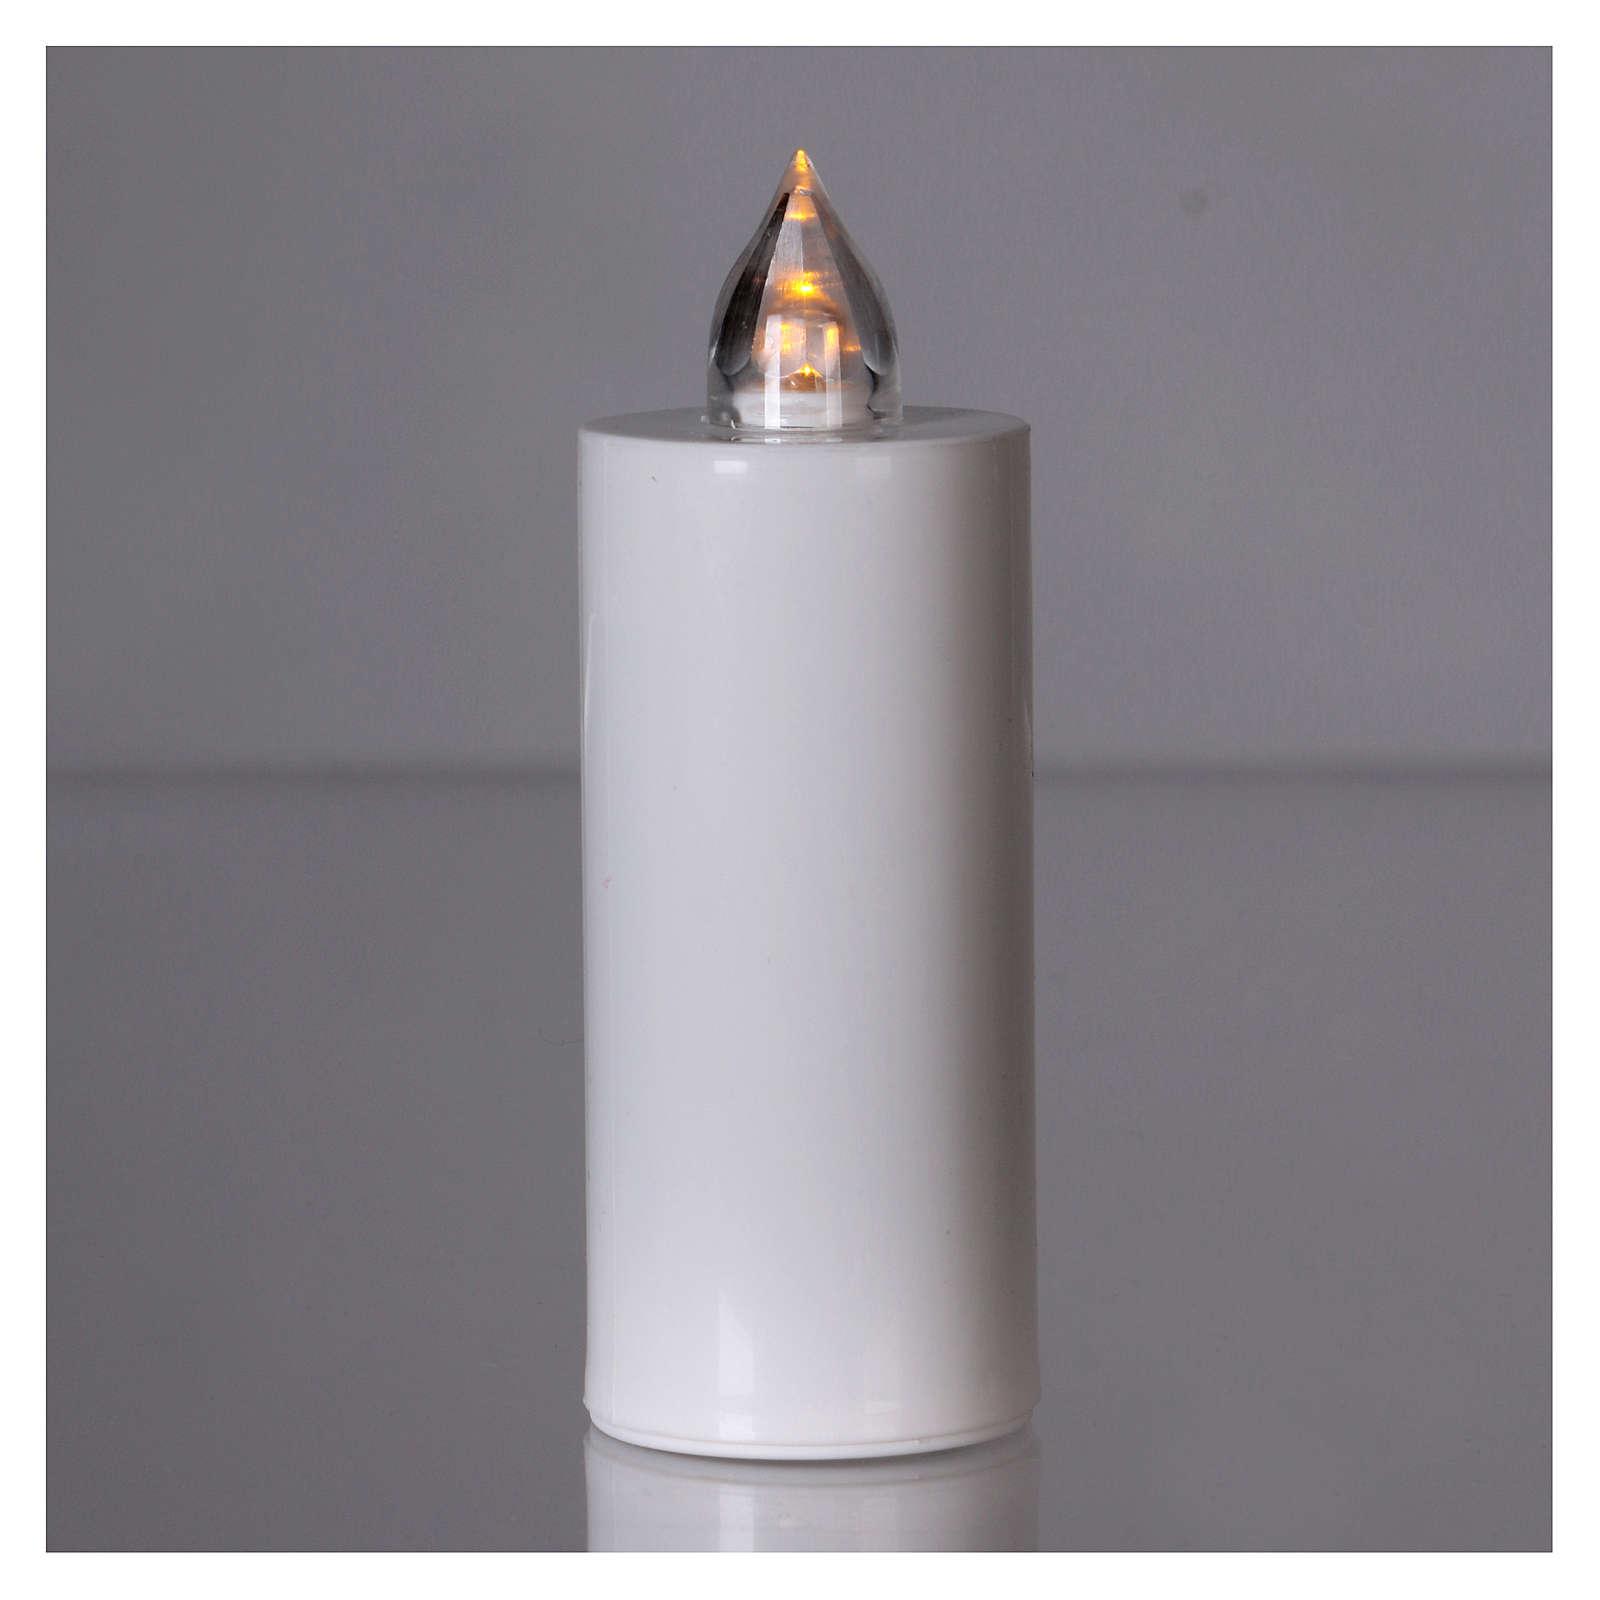 Veilleuse Lumada à usage unique blanche lumière jaune clignotante 3